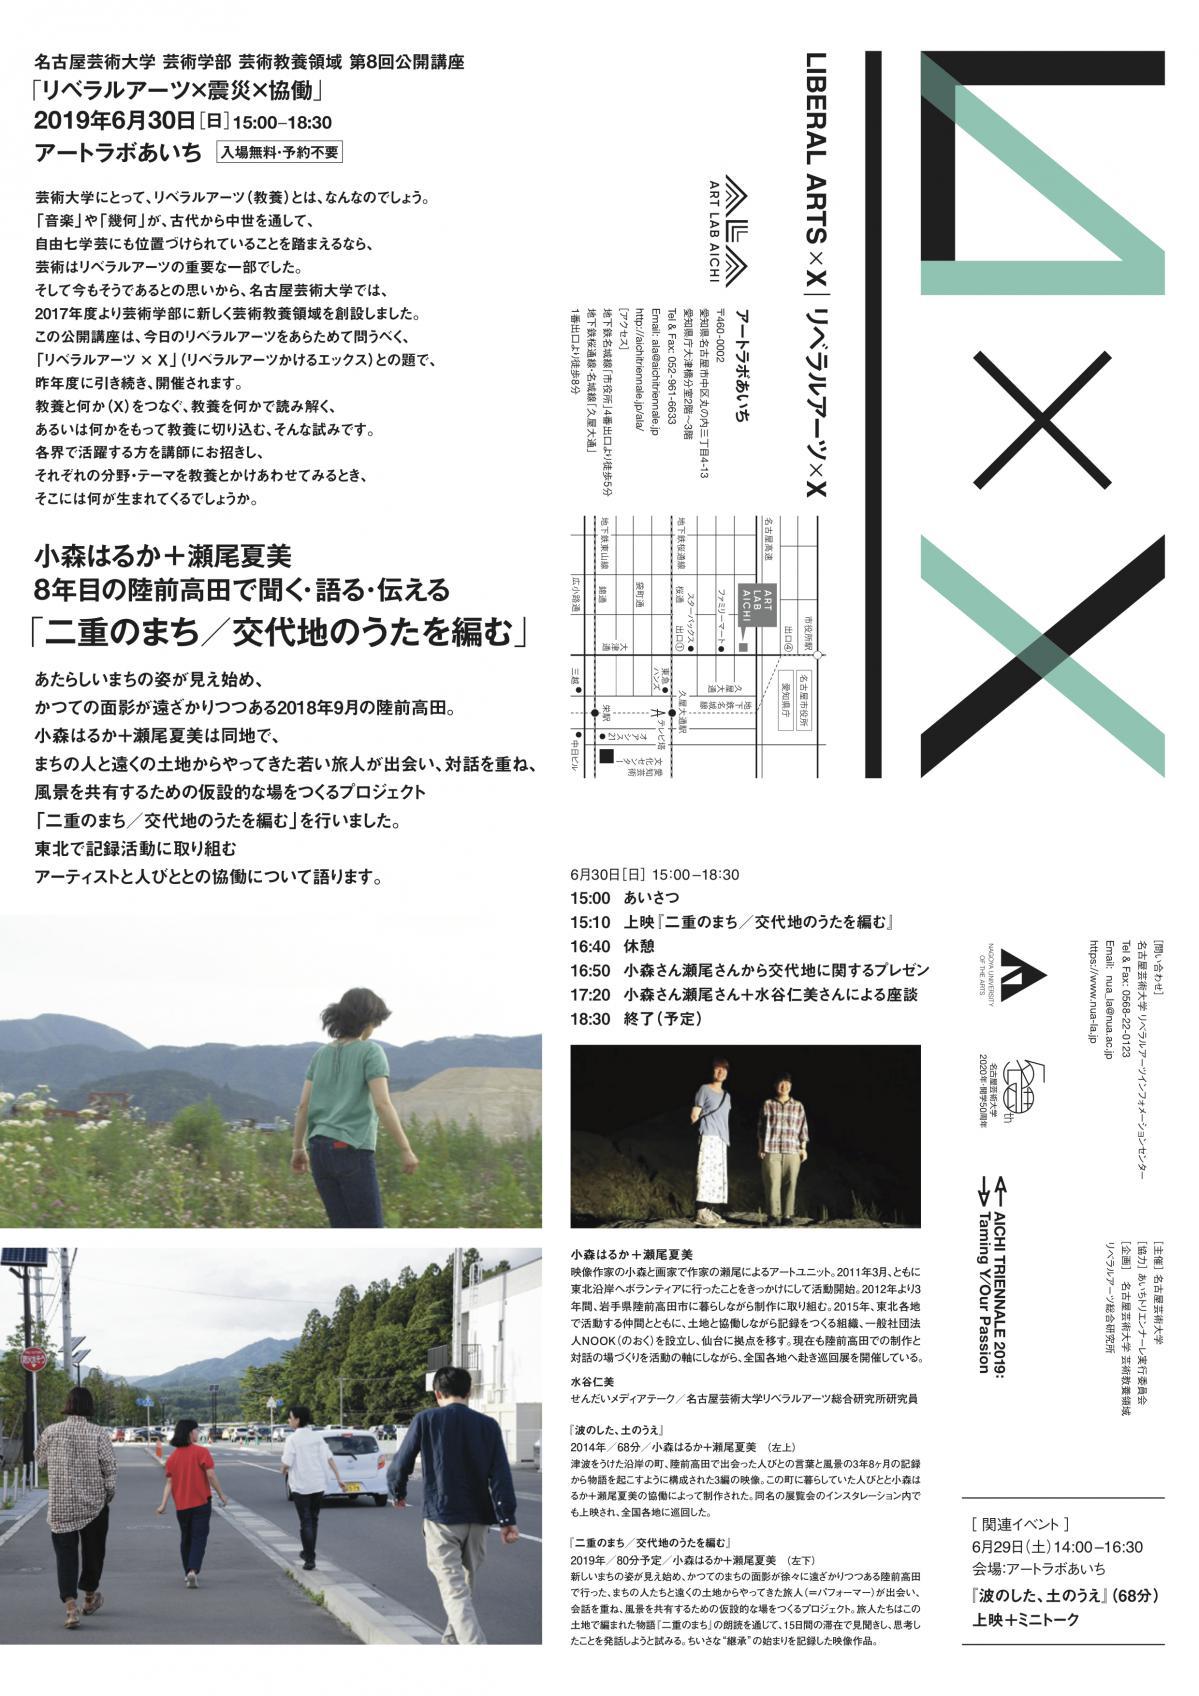 第8回公開講座_小森はるか+瀬尾夏美.jpgのサムネイル画像